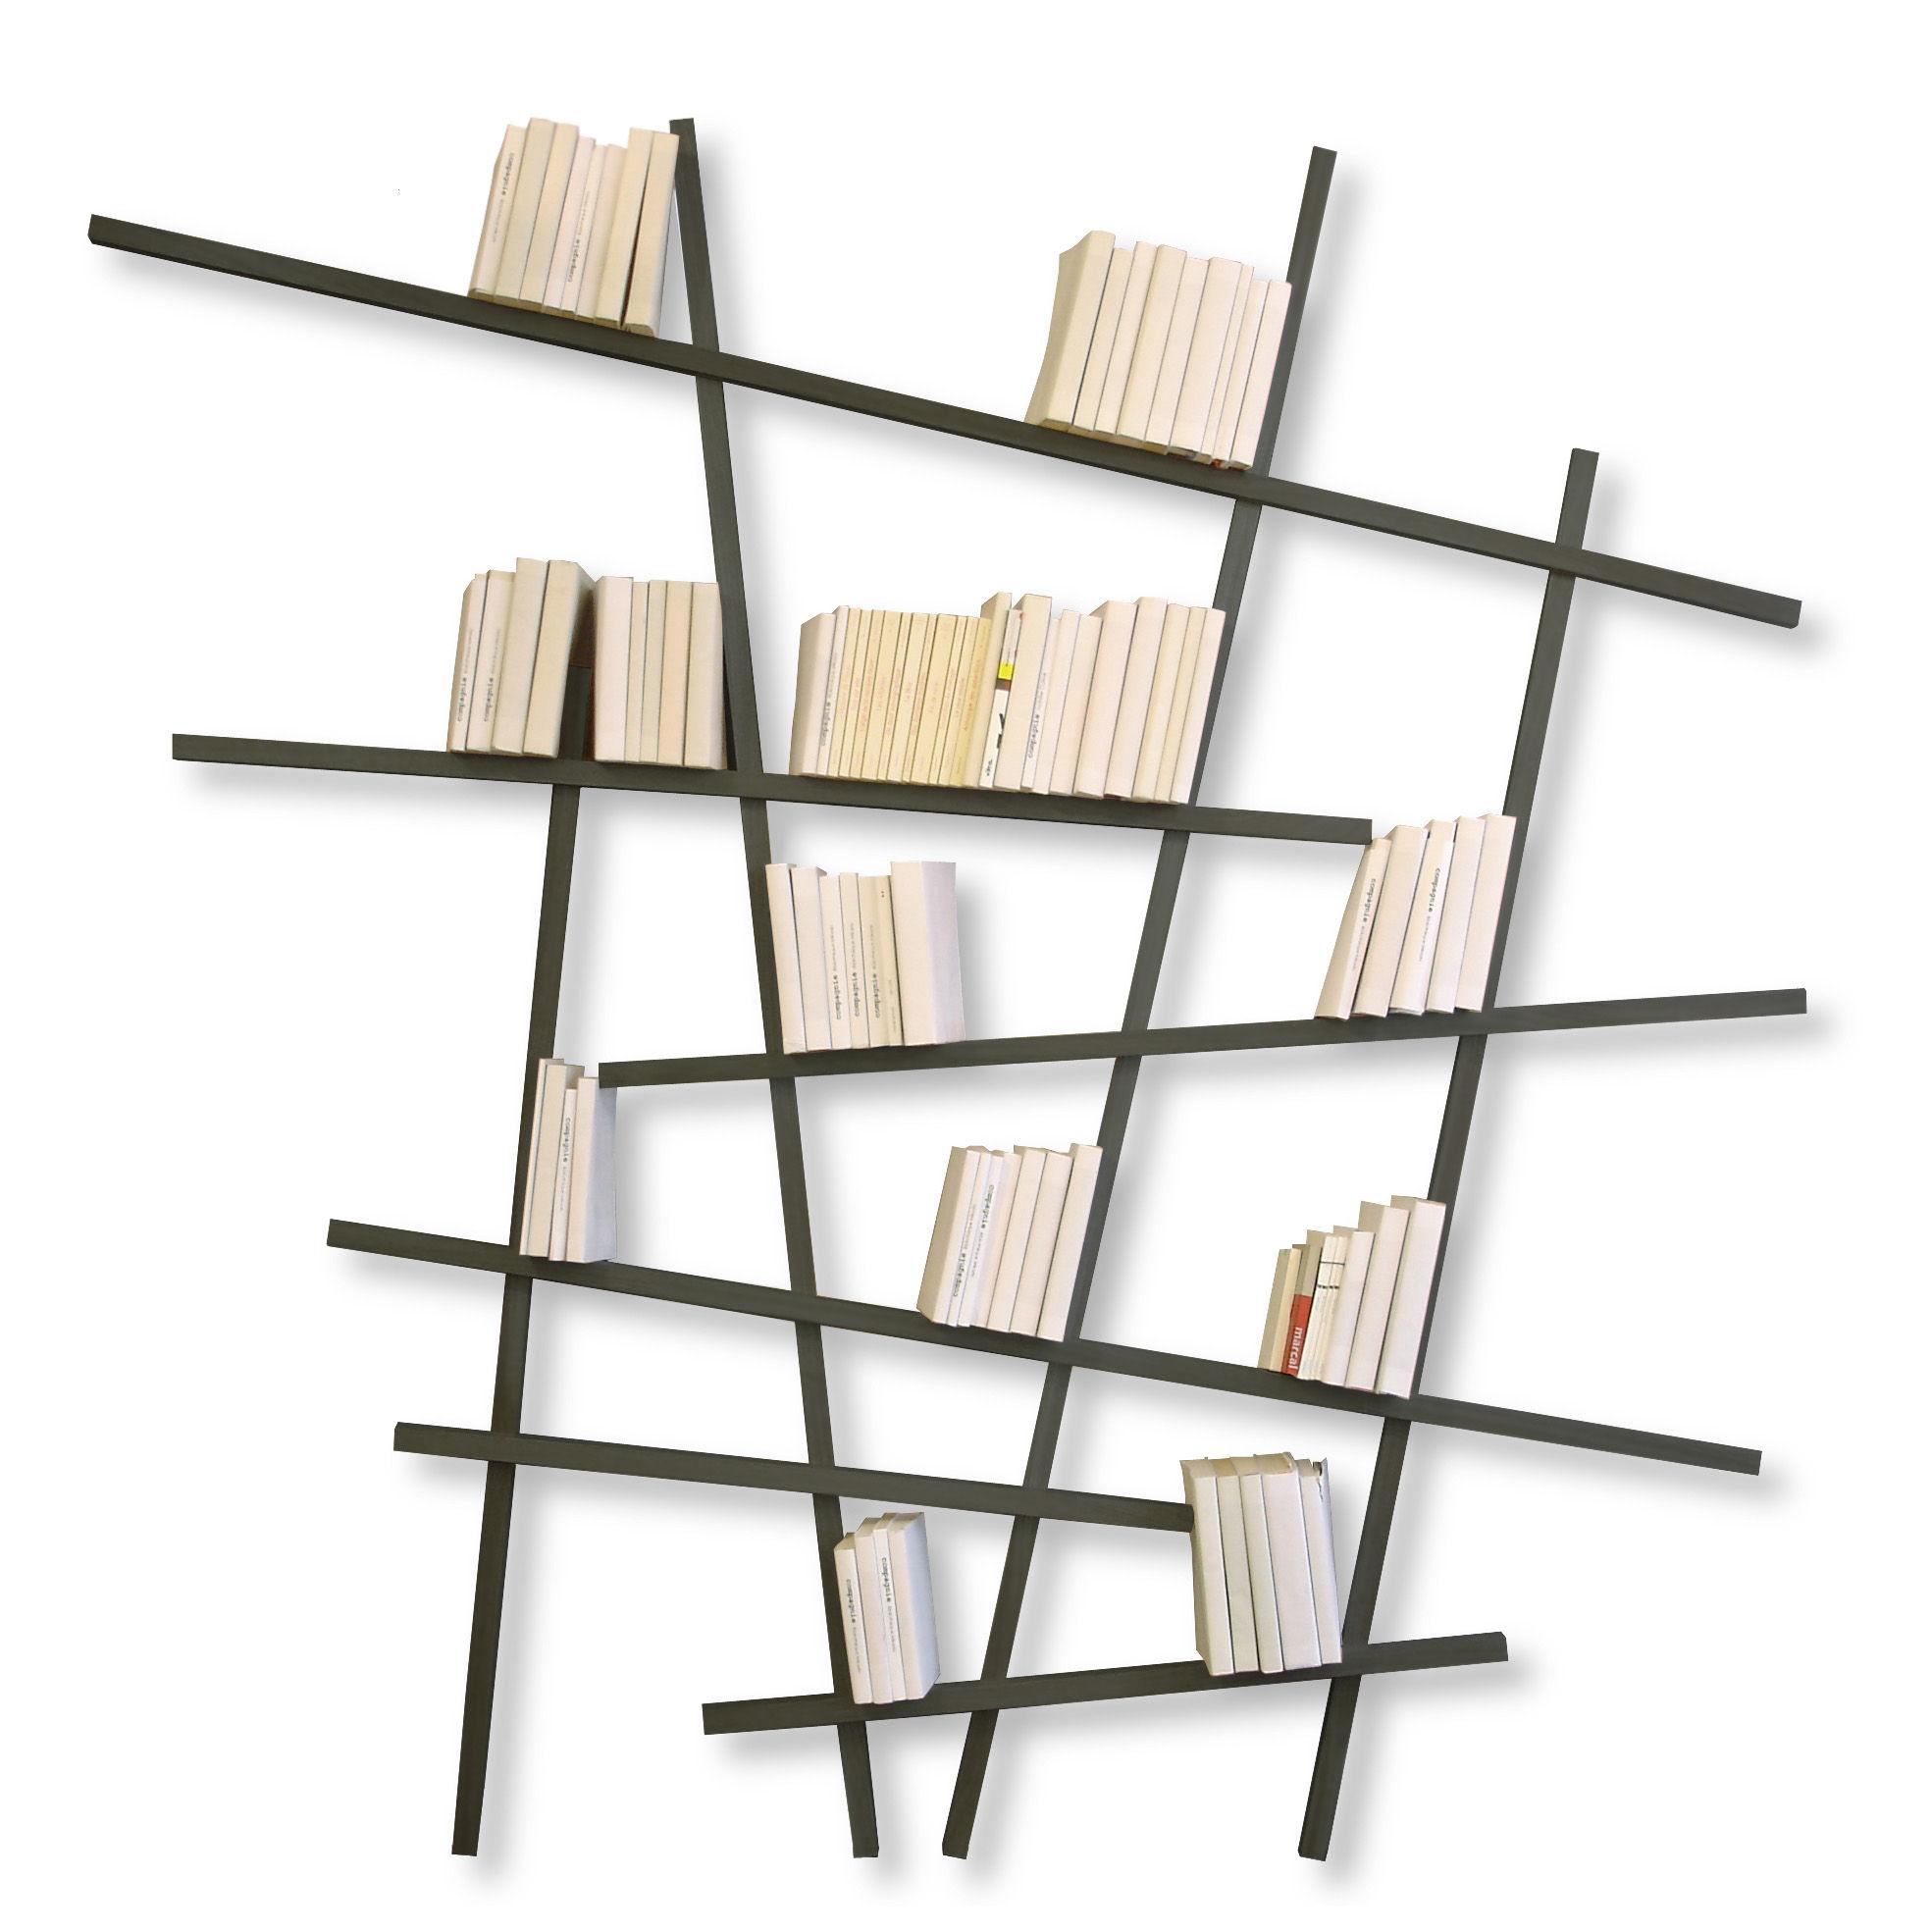 Mobilier - Etagères & bibliothèques - Bibliothèque Mikado Large / L 215 x H 220 cm - Compagnie - Gris - Hêtre laqué